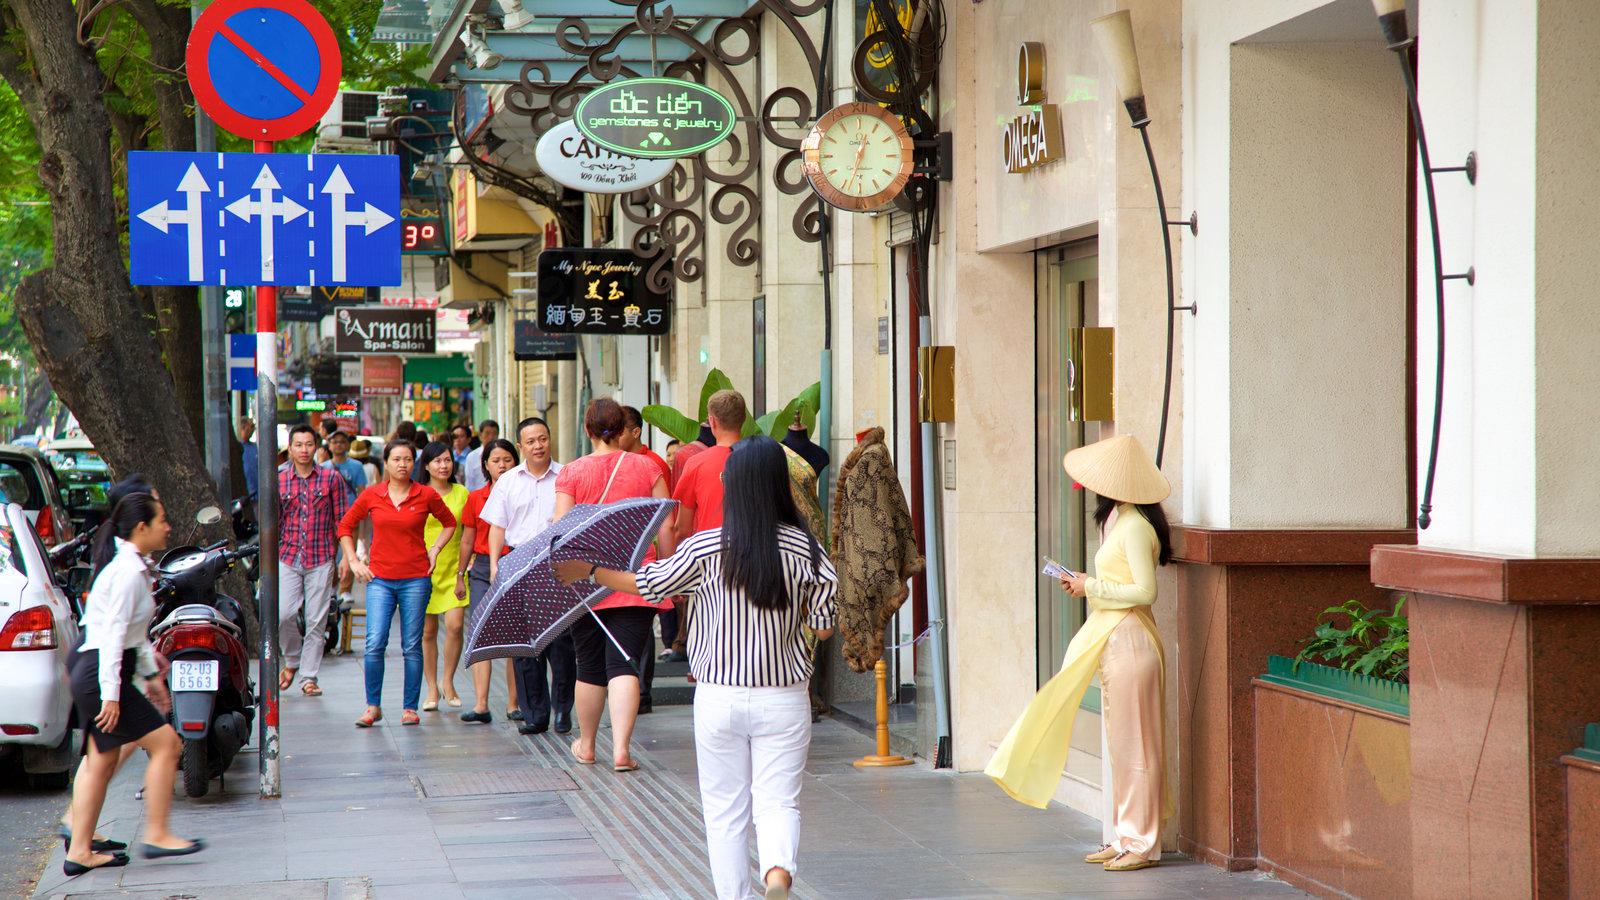 8. Dong Khoi Street, Ho Chi Minh City